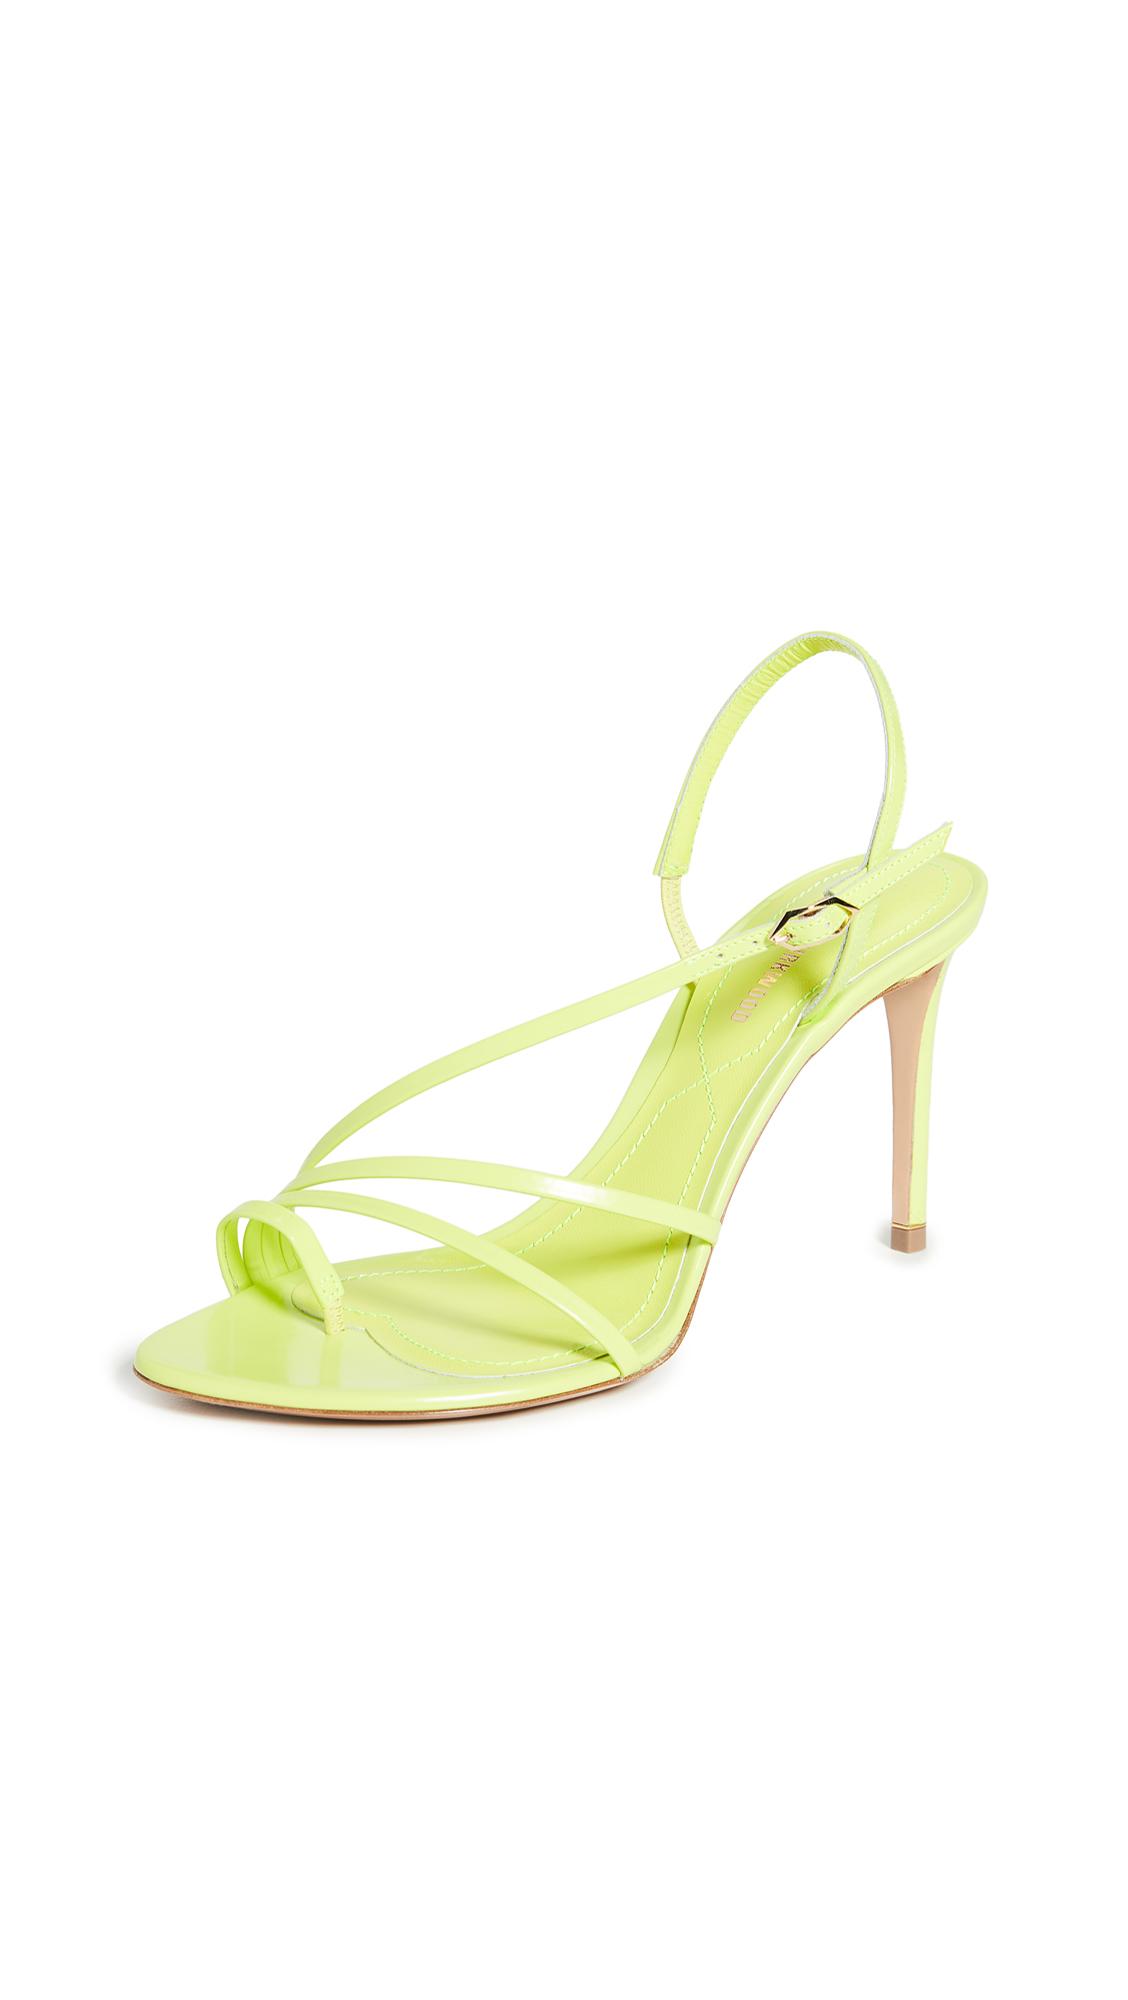 Buy Nicholas Kirkwood Elements Sandals online, shop Nicholas Kirkwood